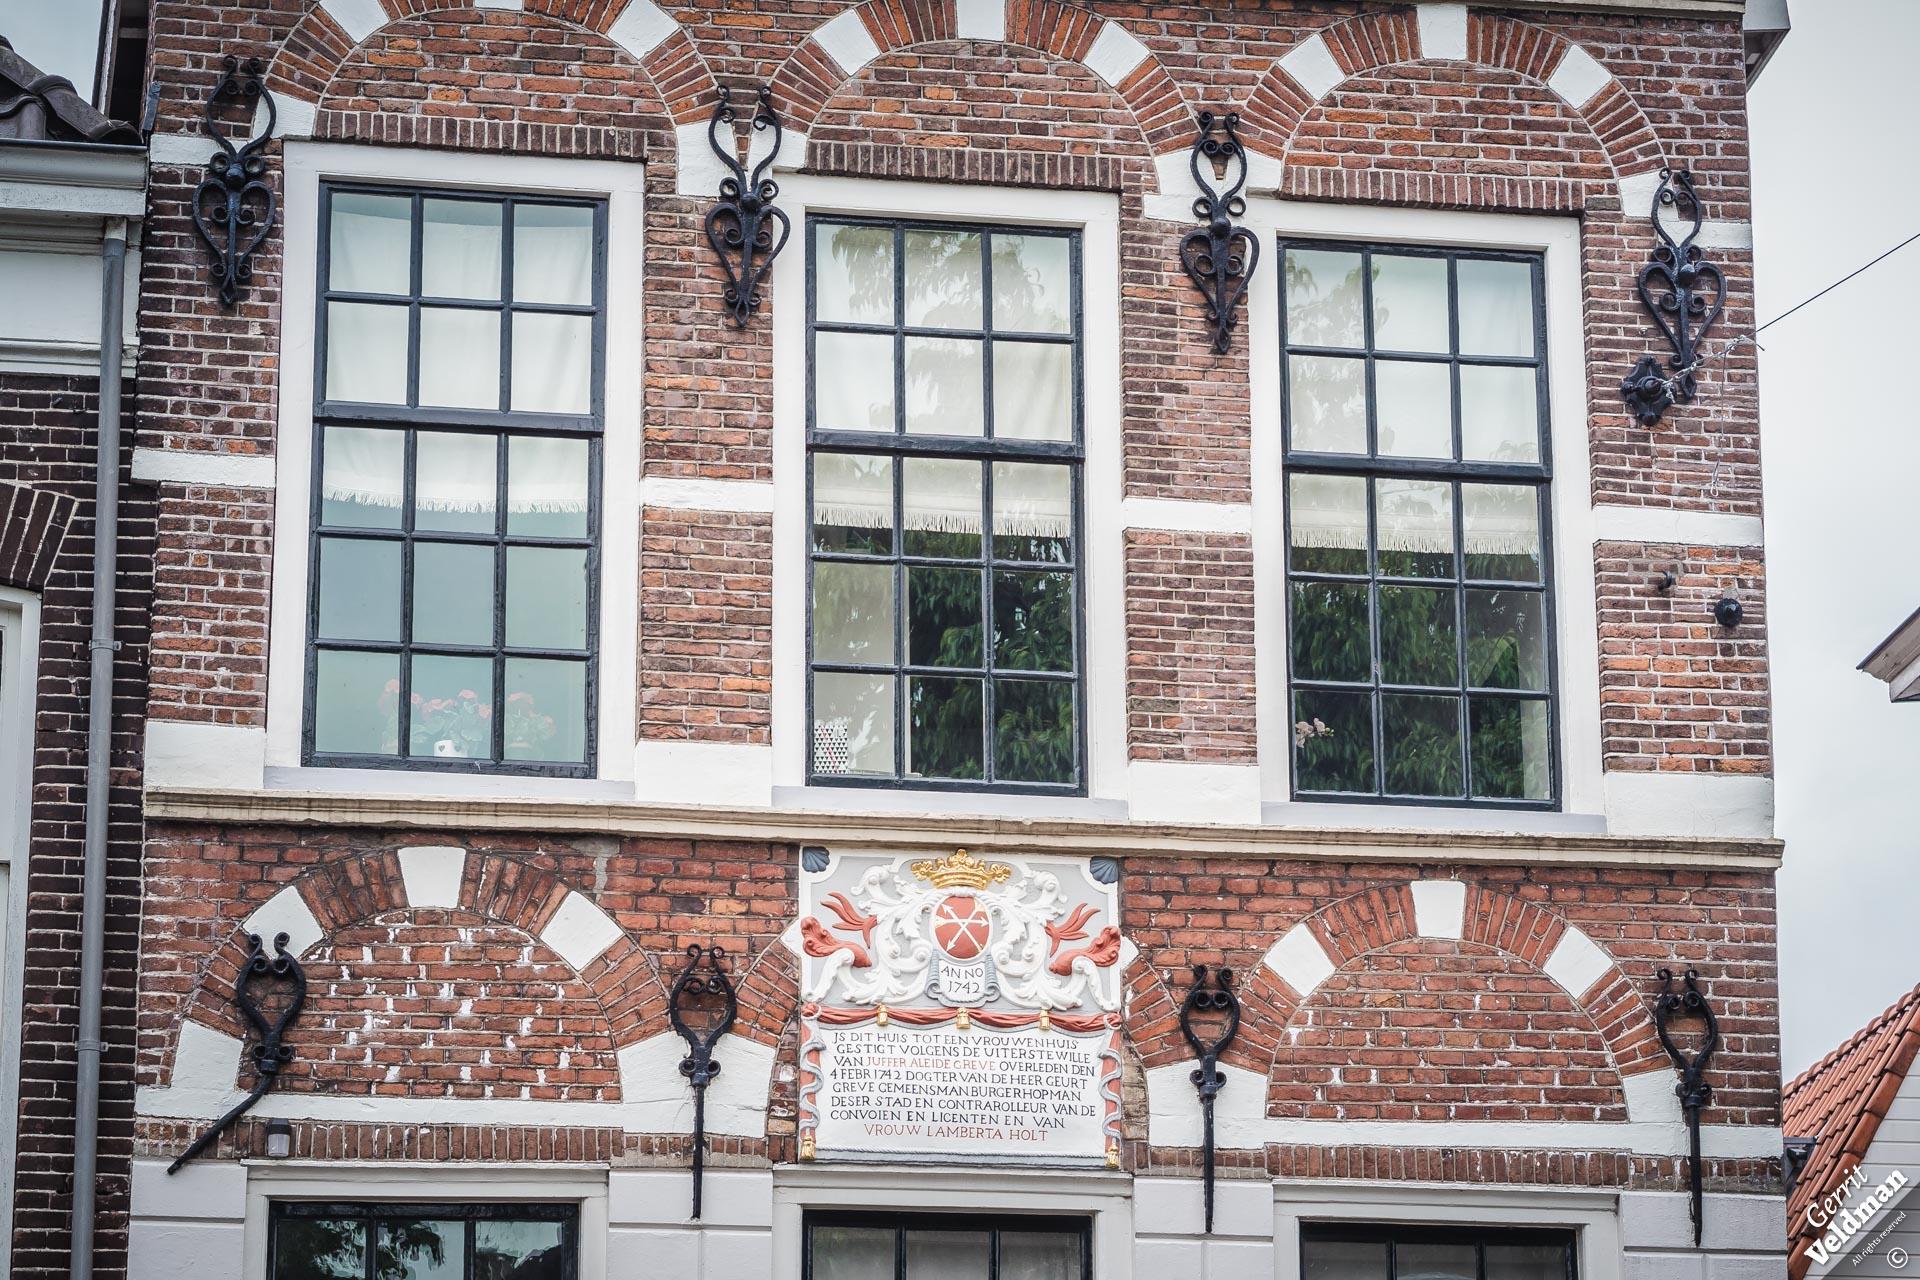 Vrouwenhuis, Zwolle